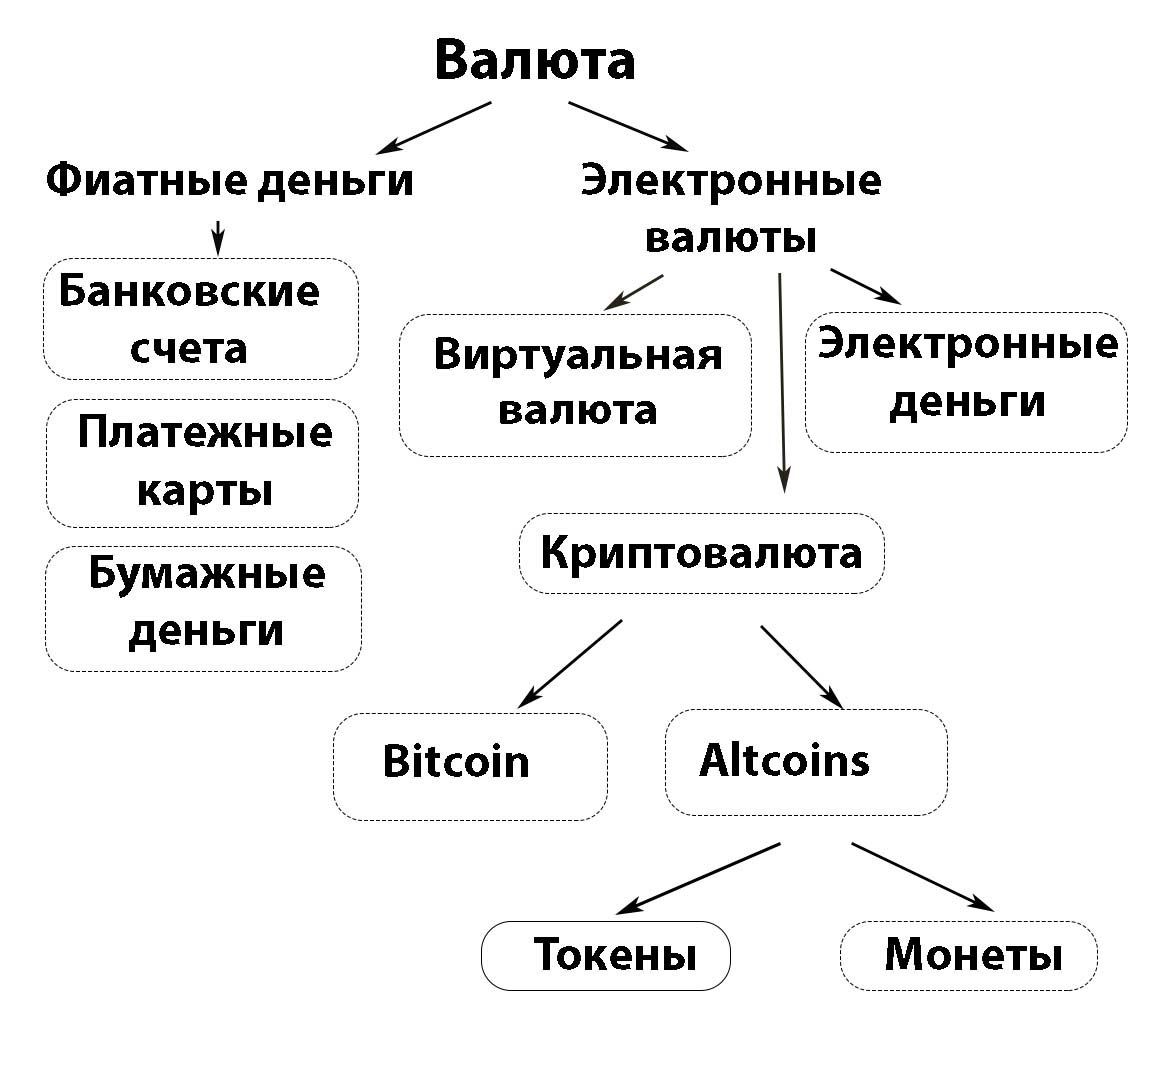 Схема разделения криптовалют